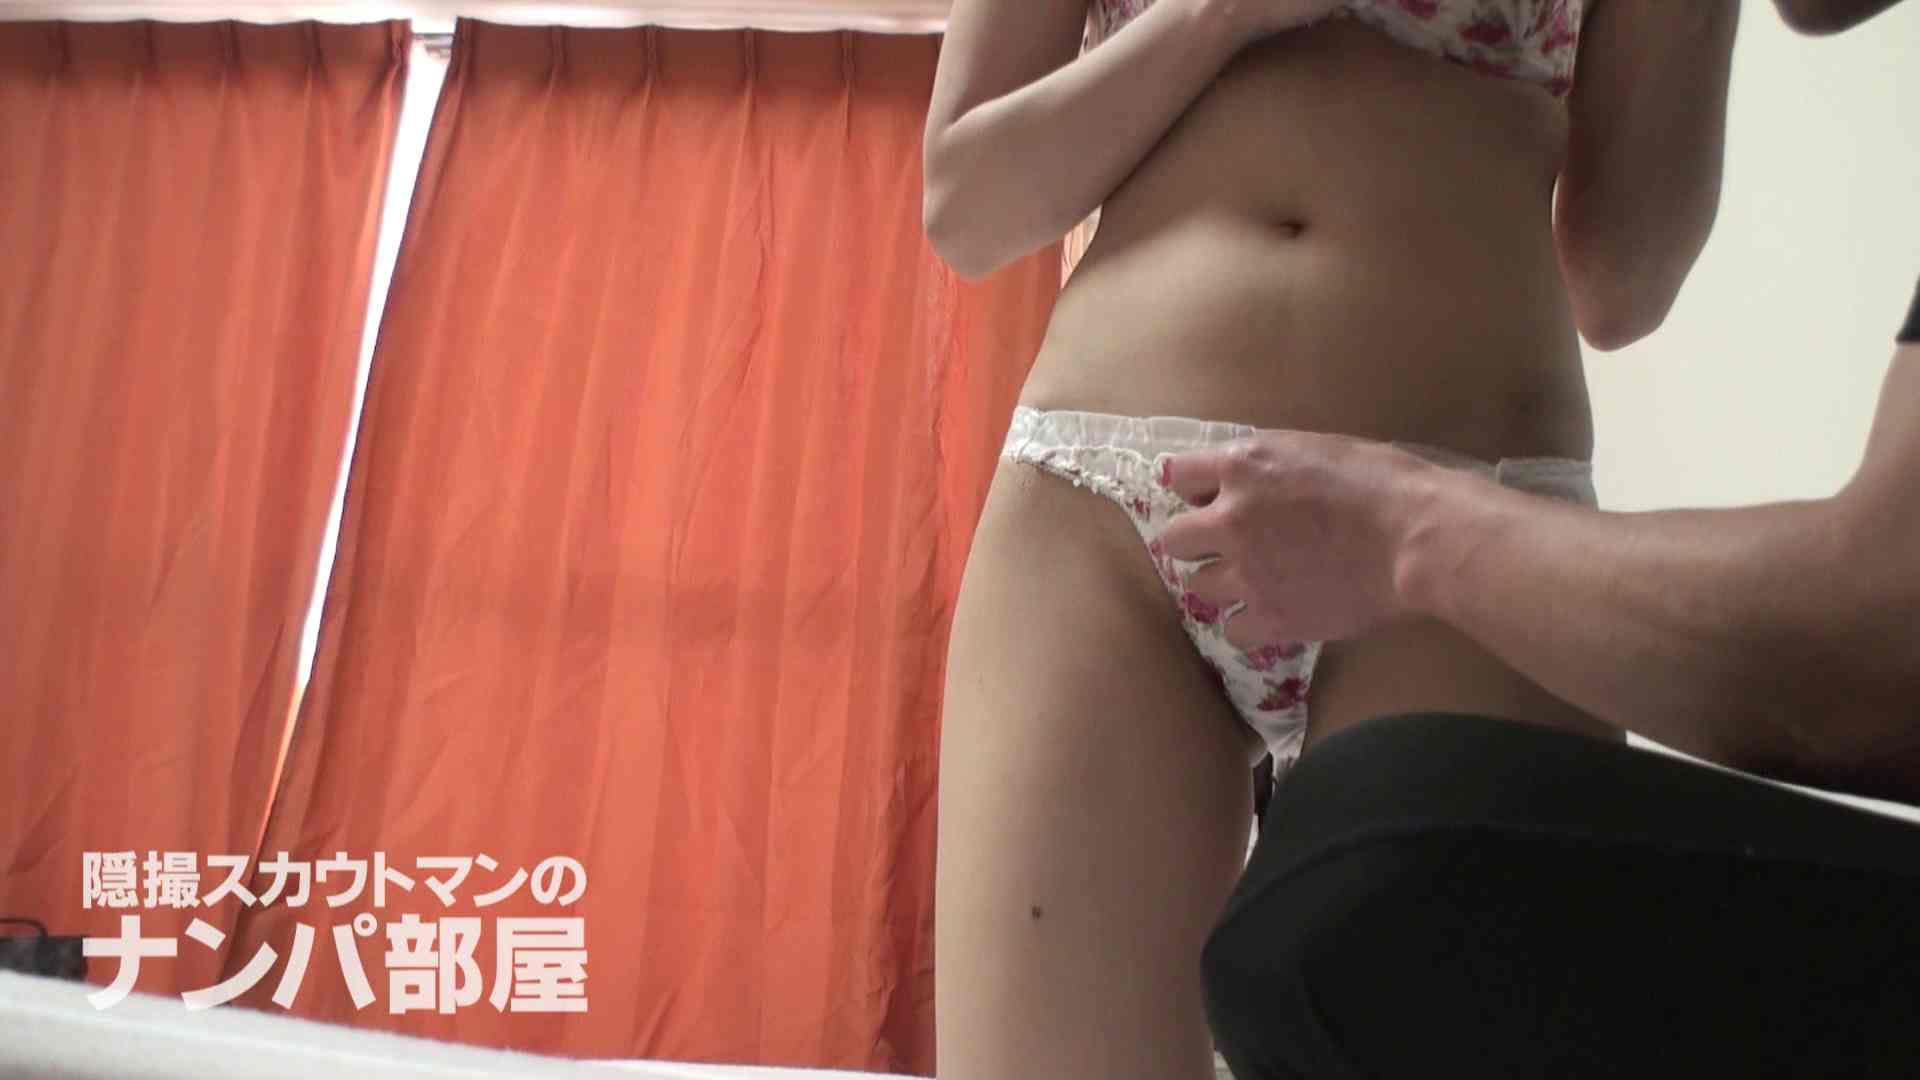 隠撮スカウトマンのナンパ部屋~風俗デビュー前のつまみ食い~ siivol.2 ナンパ  43連発 21